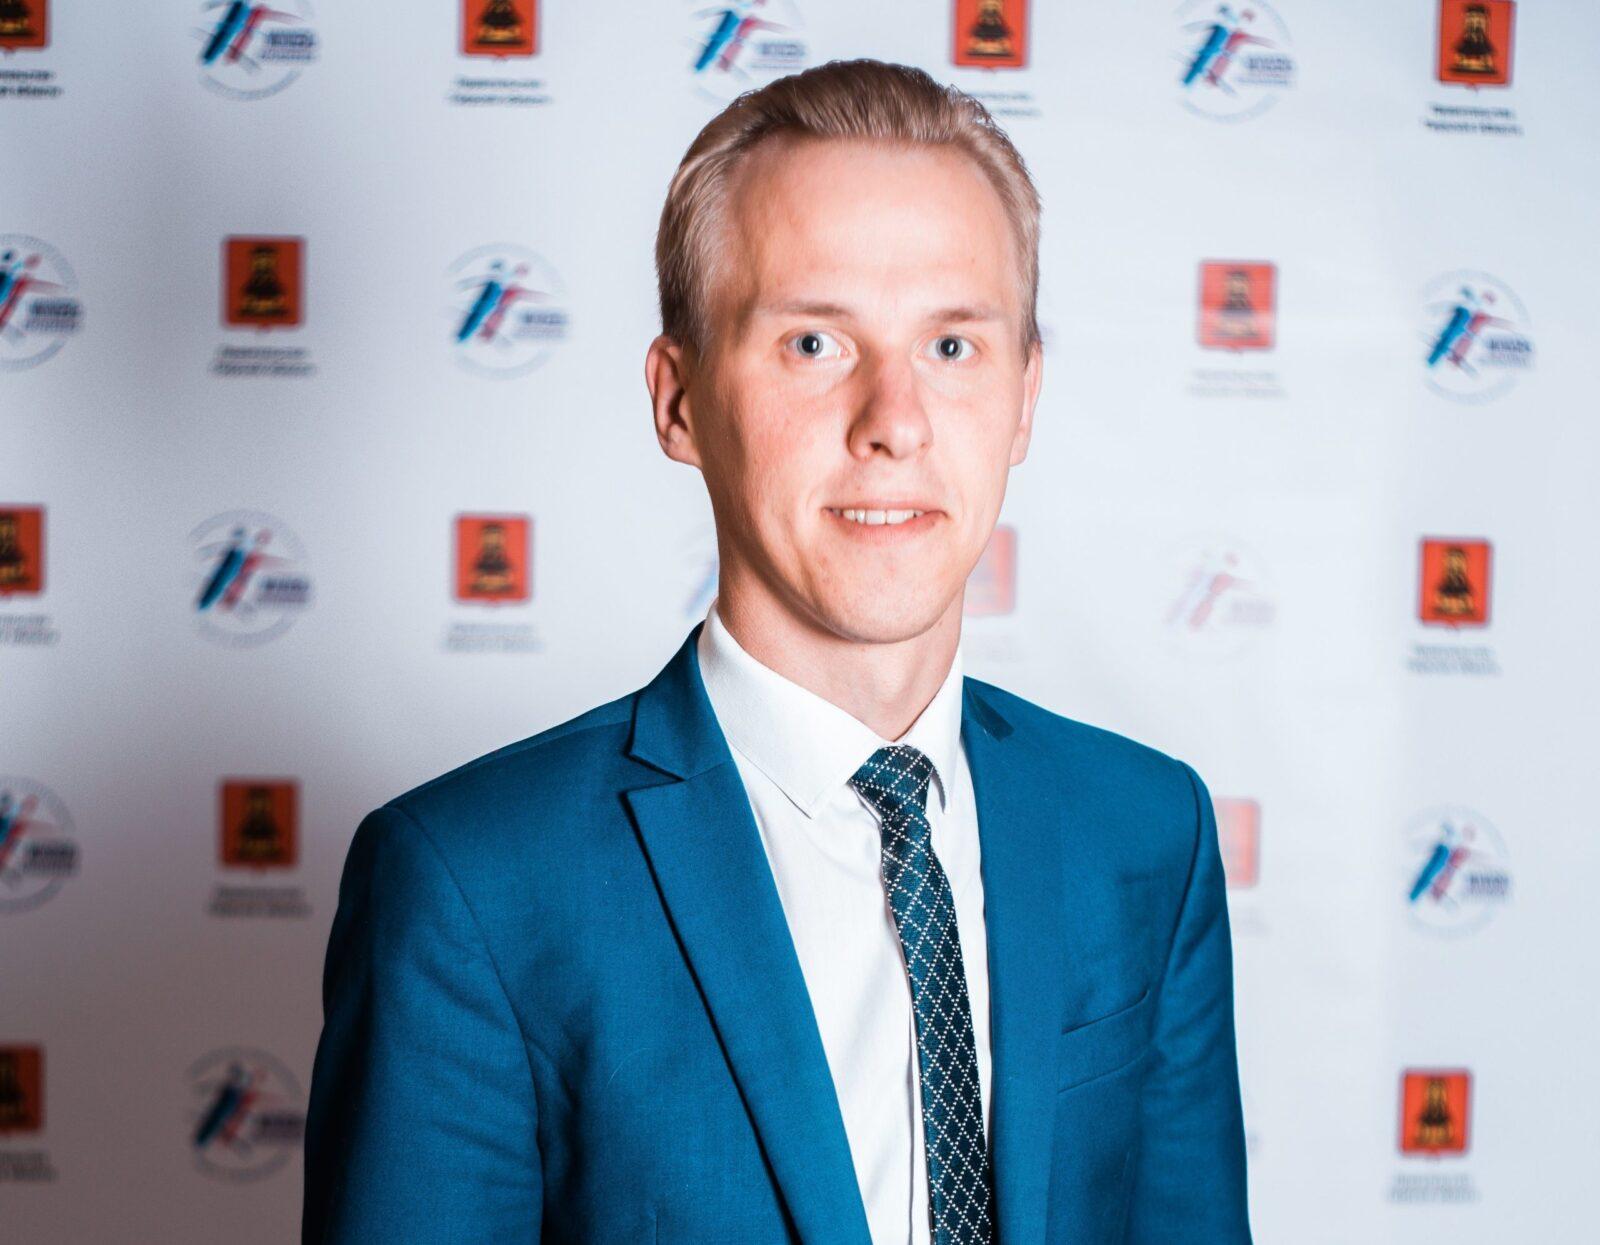 Николай Романенко: Планируем тесно сотрудничать с областным советом ветеранов